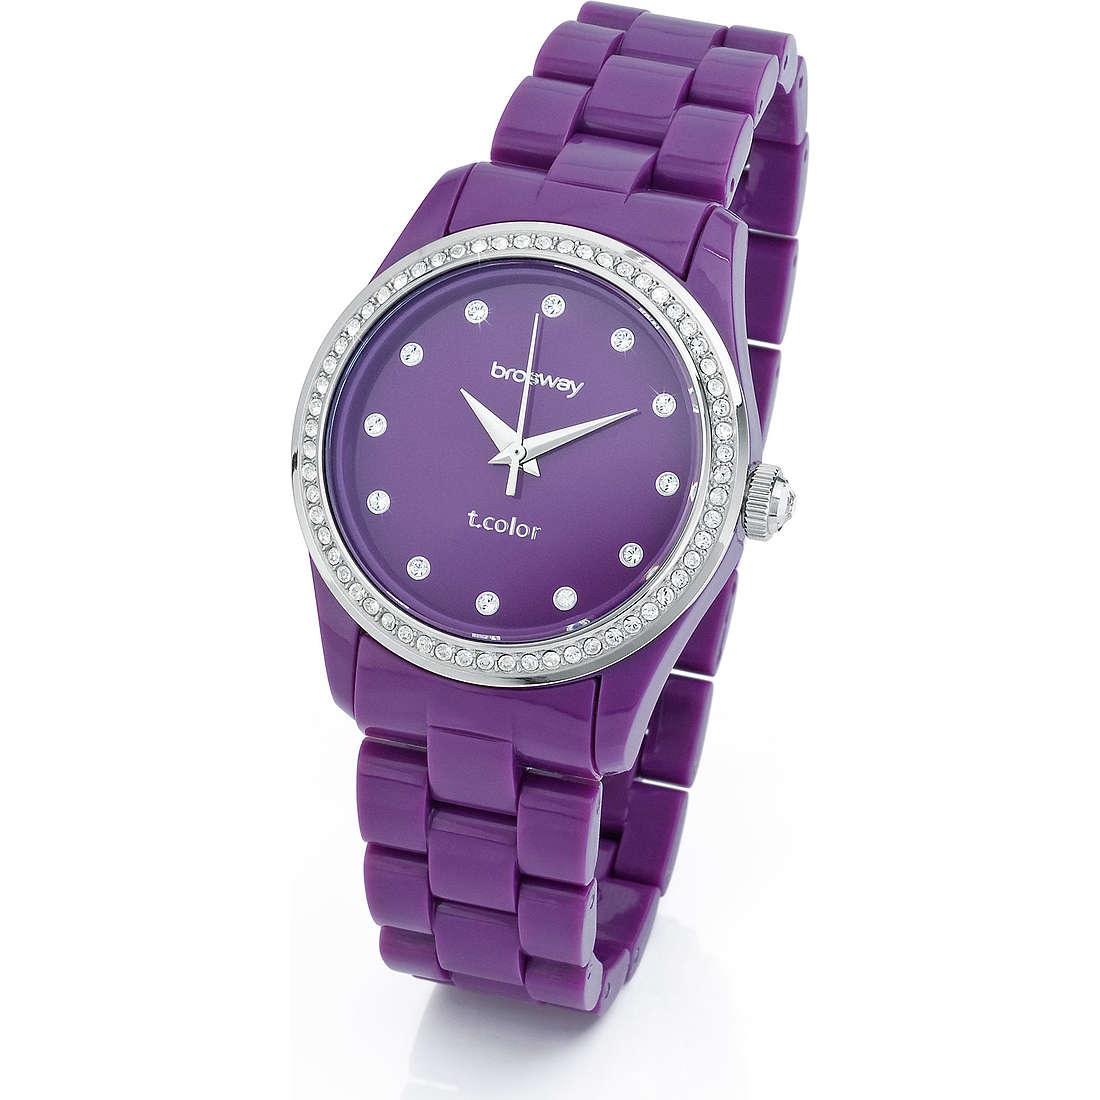 orologio solo tempo donna Brosway T-Color WTC06